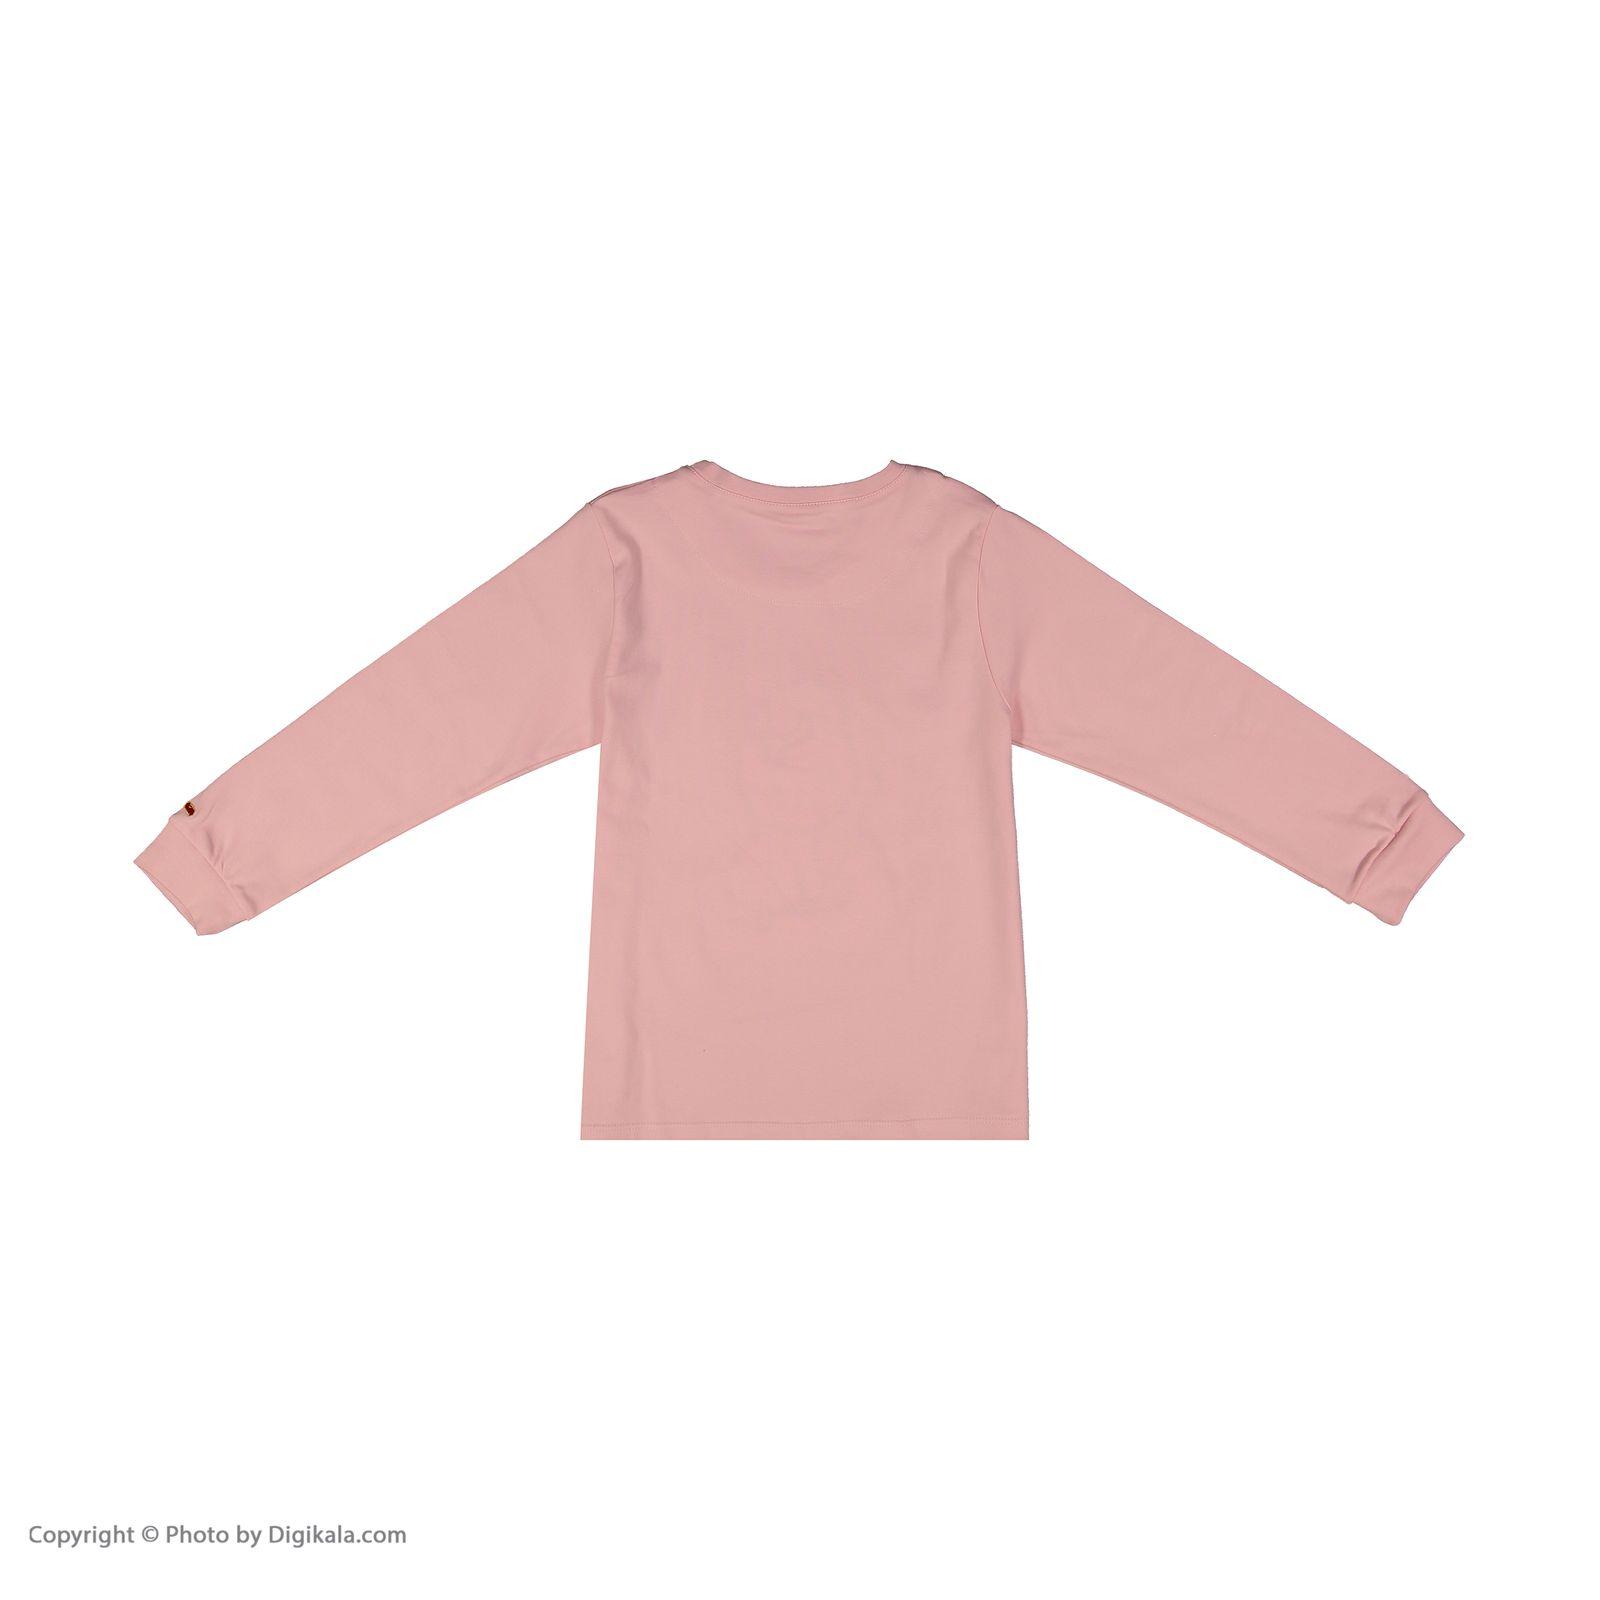 ست تی شرت و شلوار دخترانه مادر مدل 303-84 main 1 5